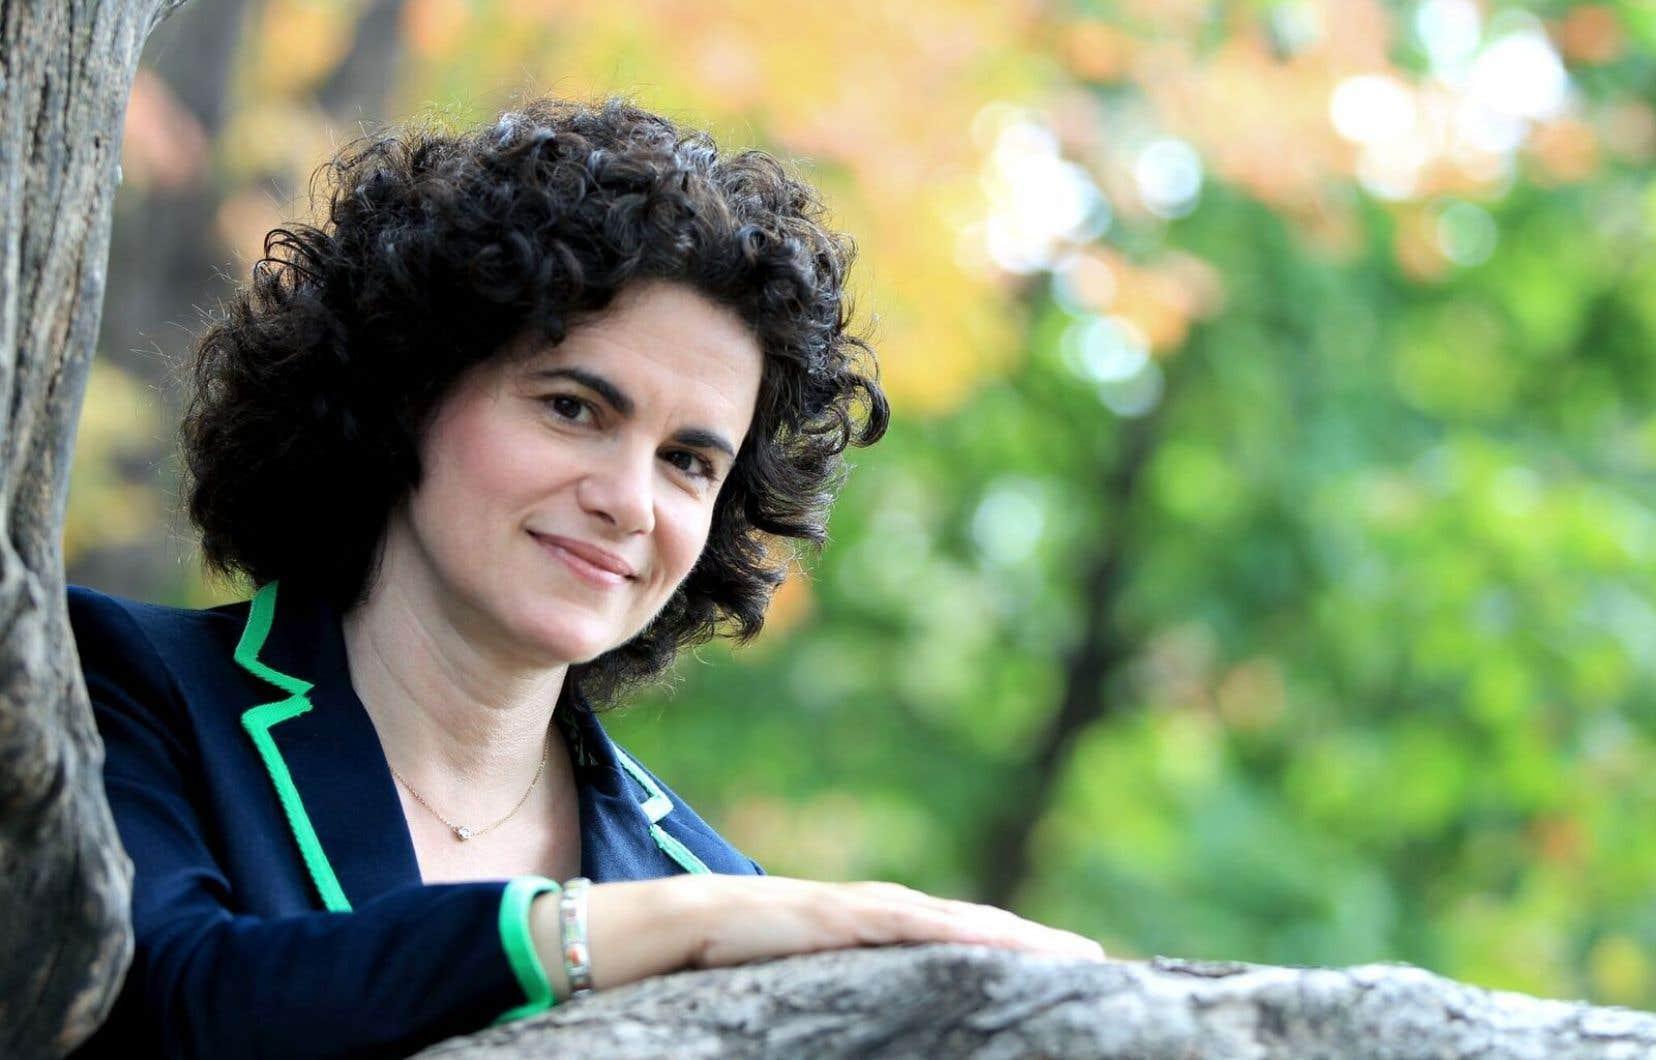 AntoniaMaioni